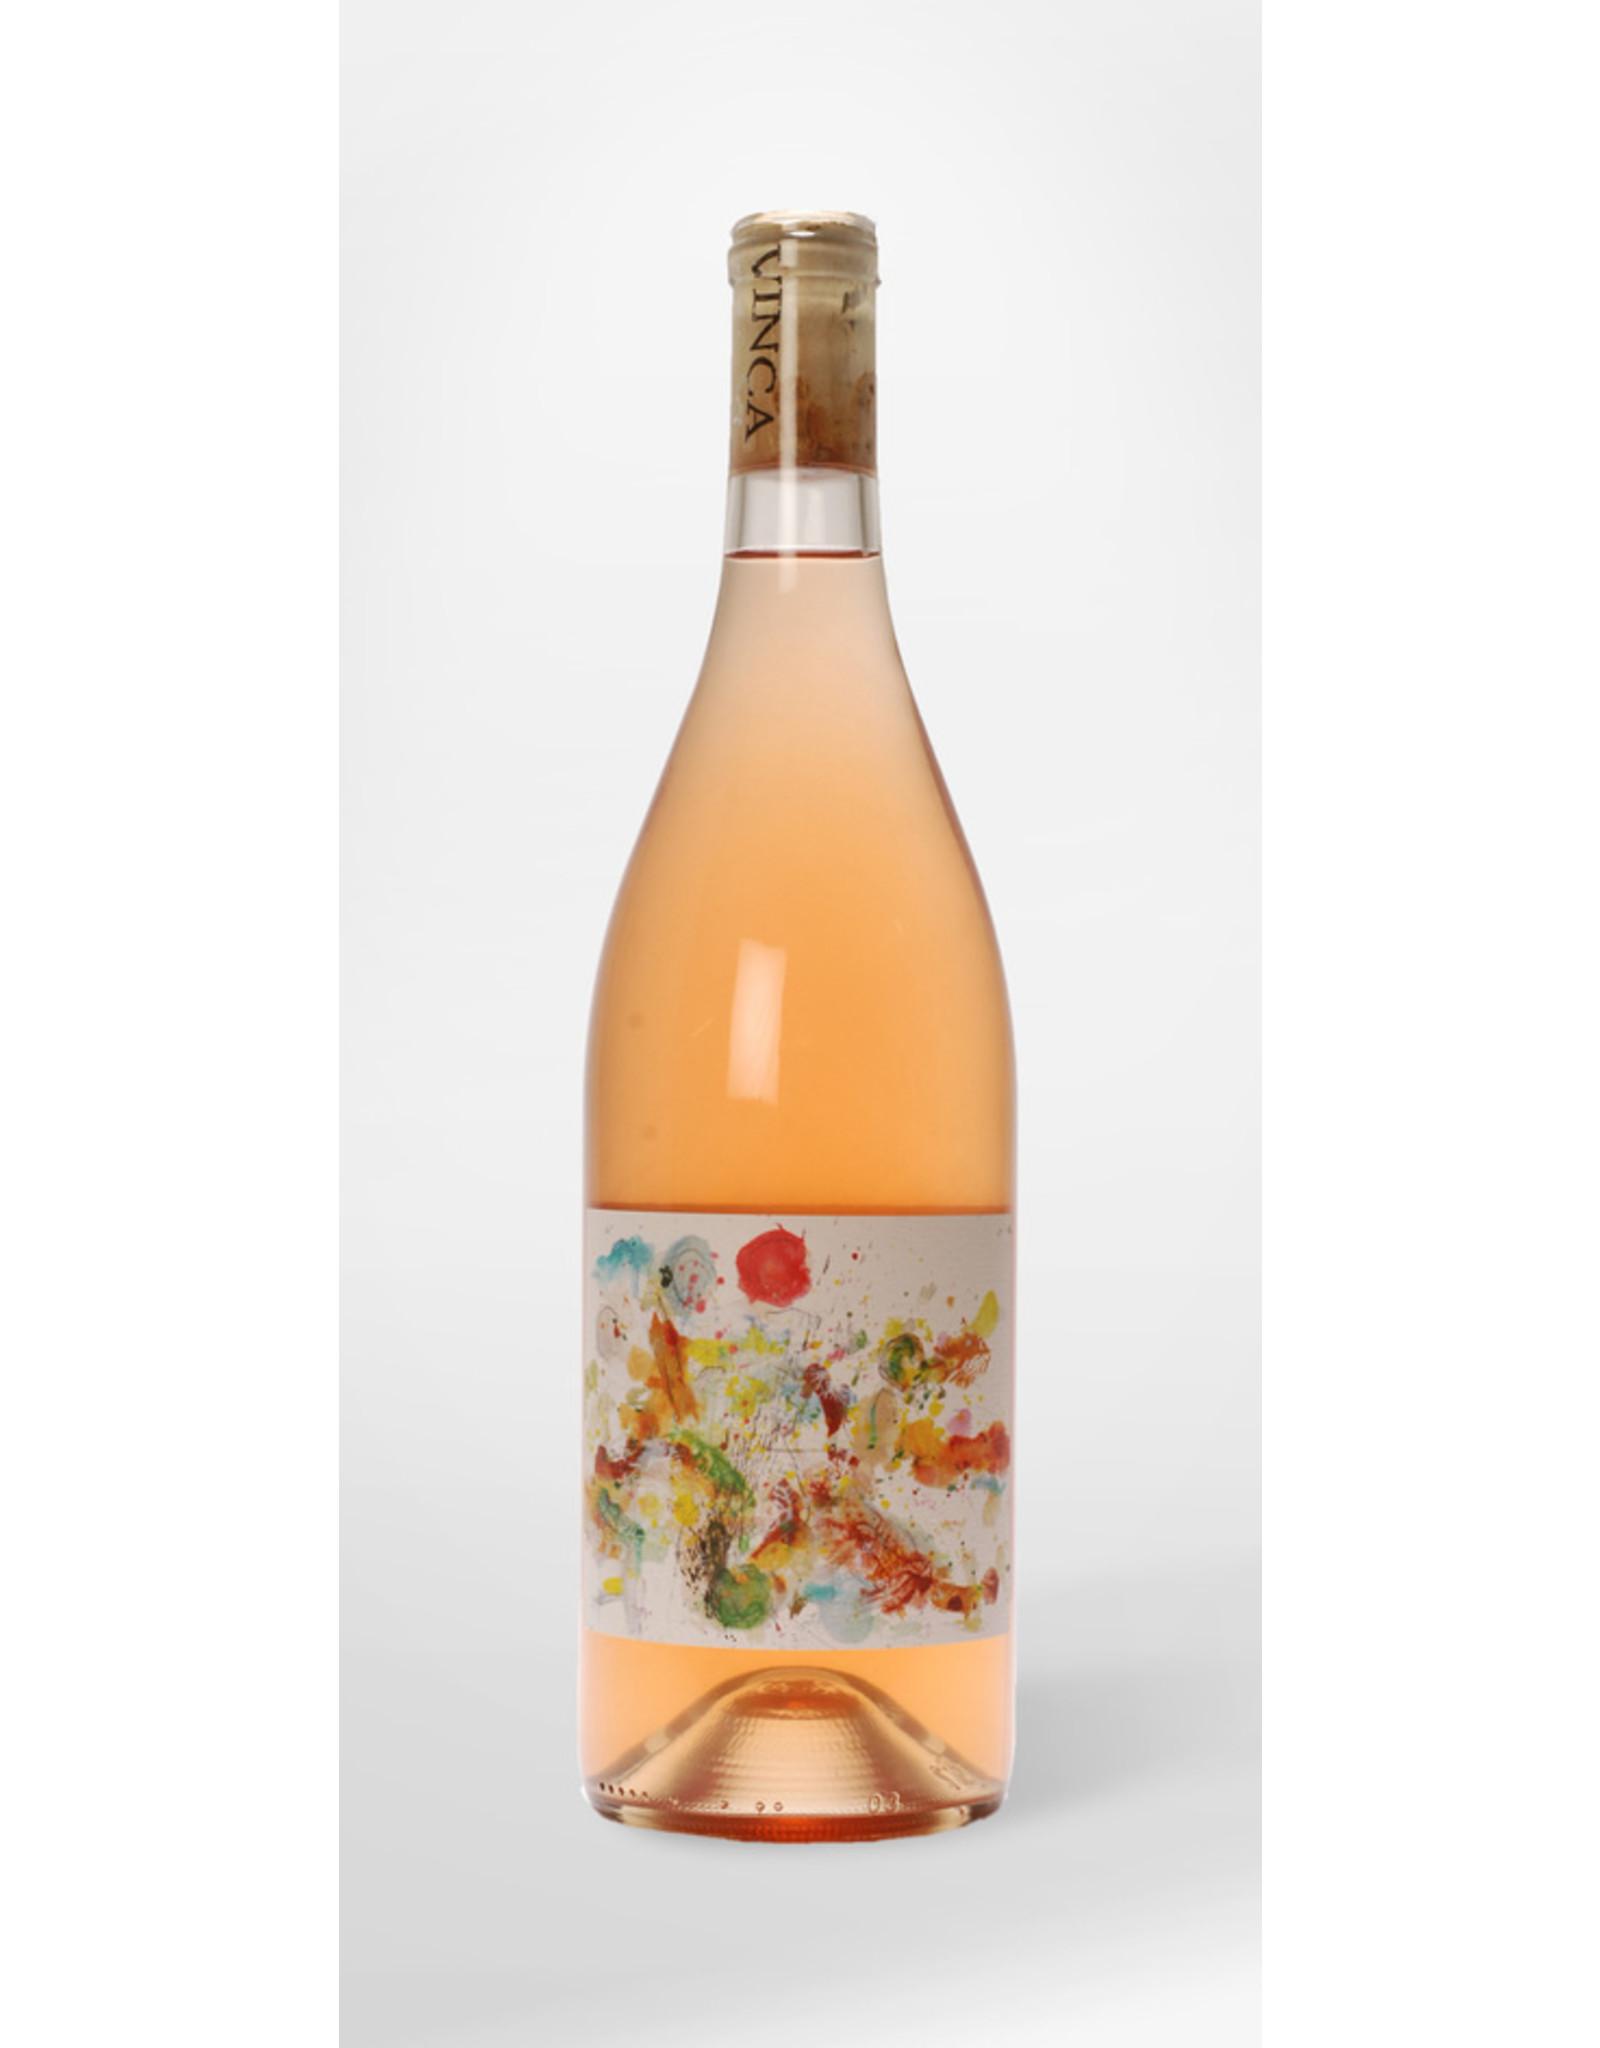 Vinca Minor Carignan Rosé